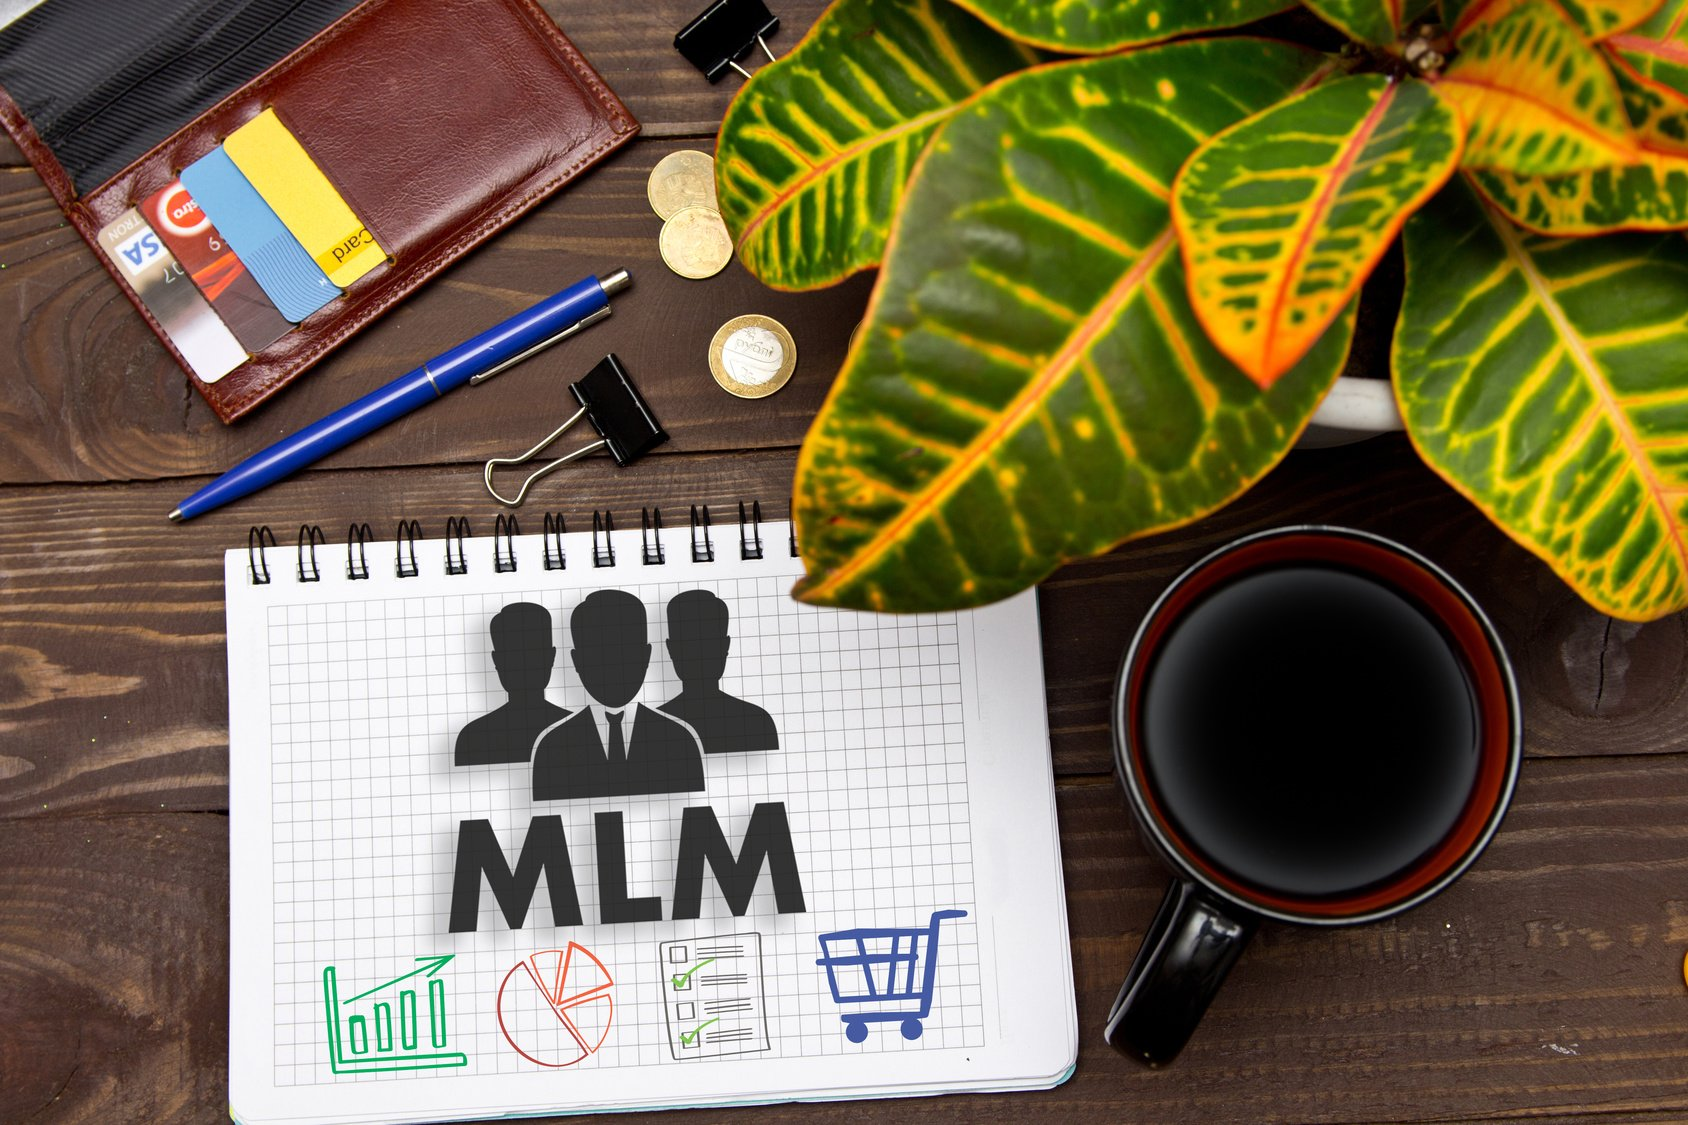 Marketing wielopoziomowy: co to jest network marketing MLM?